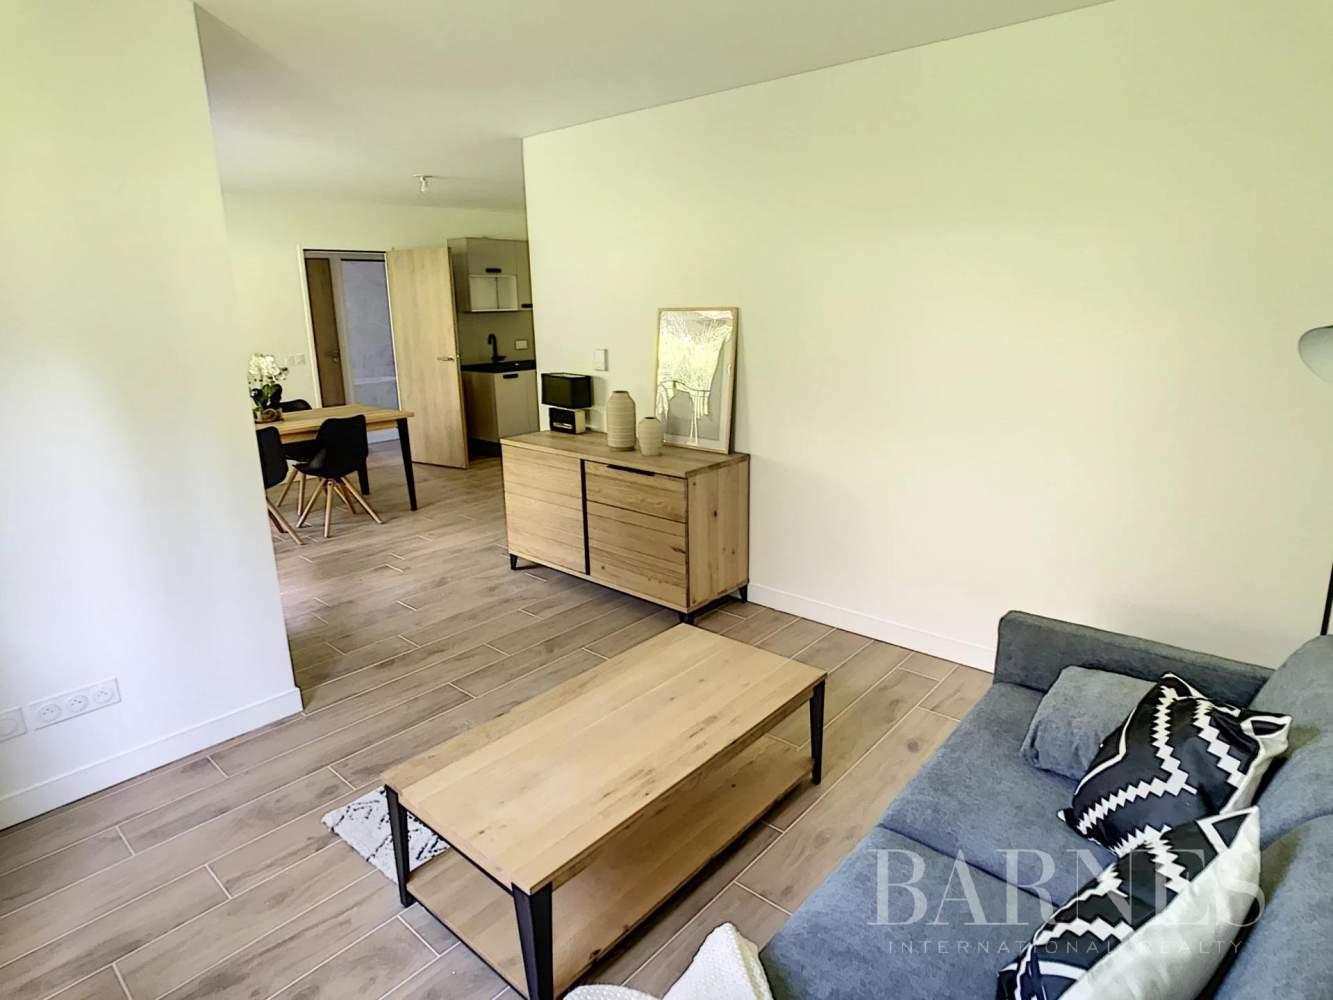 Saint-Gervais-les-Bains  - Appartement 2 Pièces, 1 Chambre - picture 3